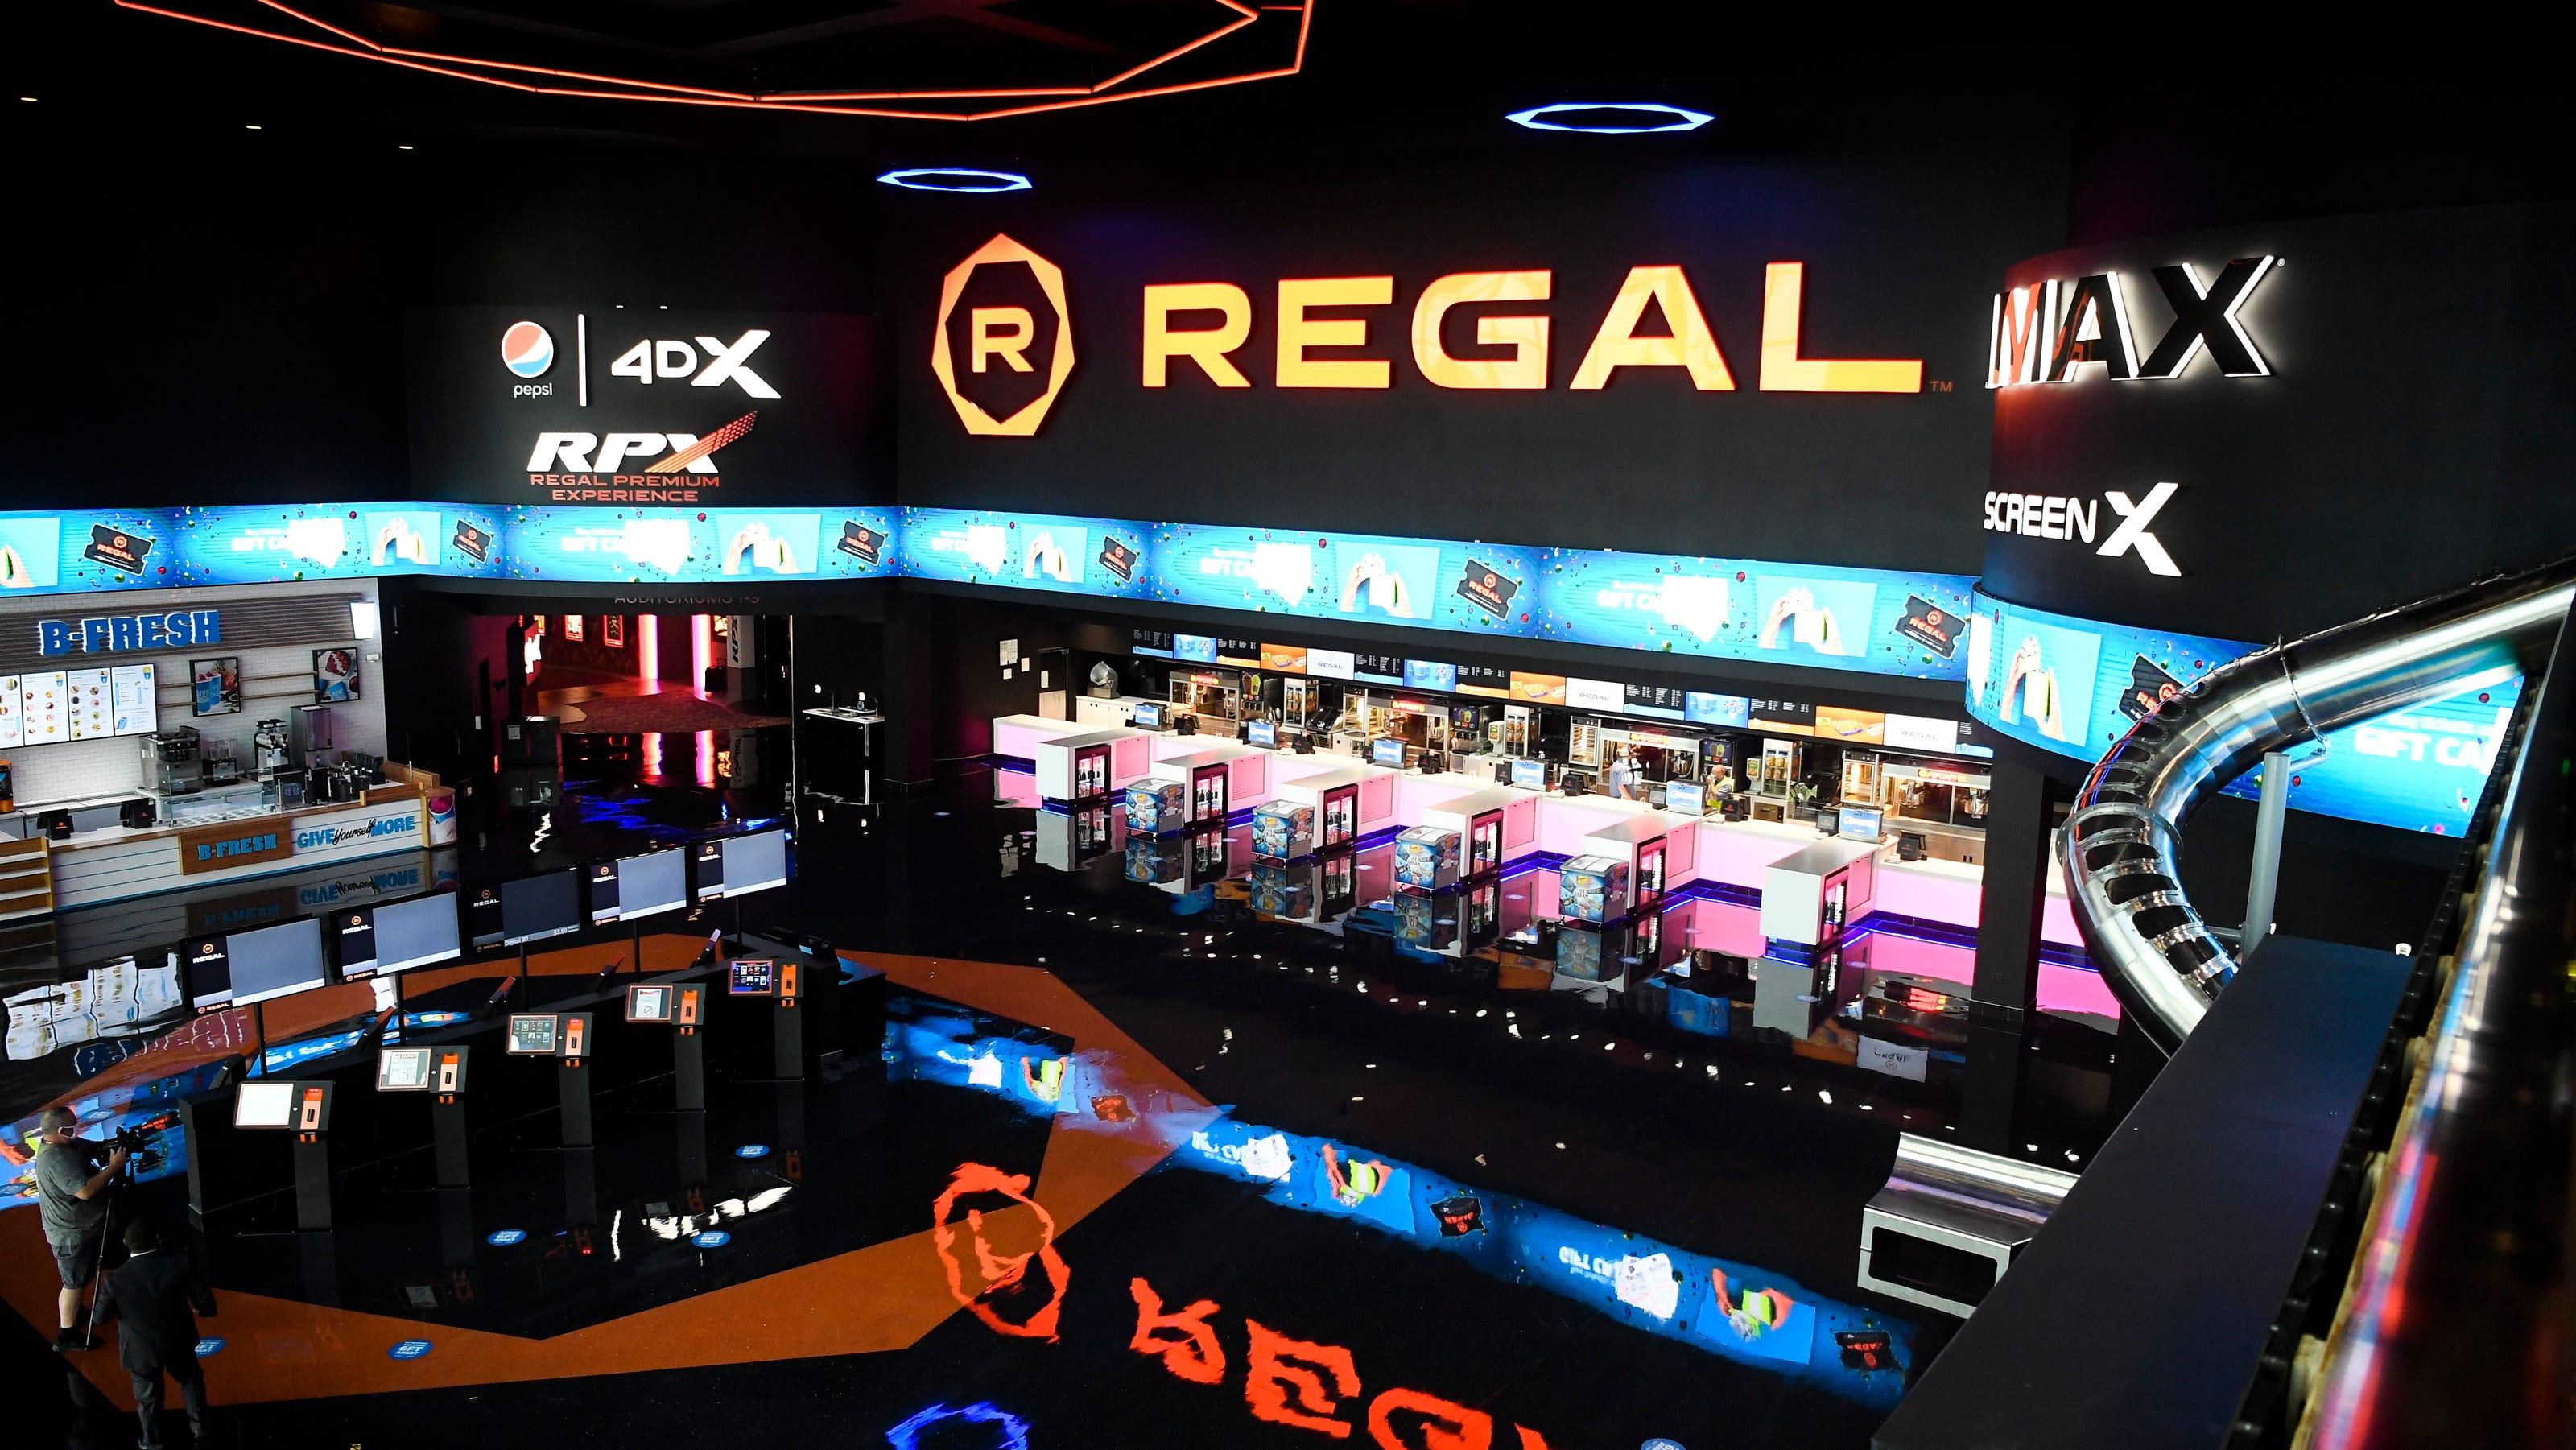 regal pinnacle turkey creek movie theater gets modern renovation regal pinnacle turkey creek movie